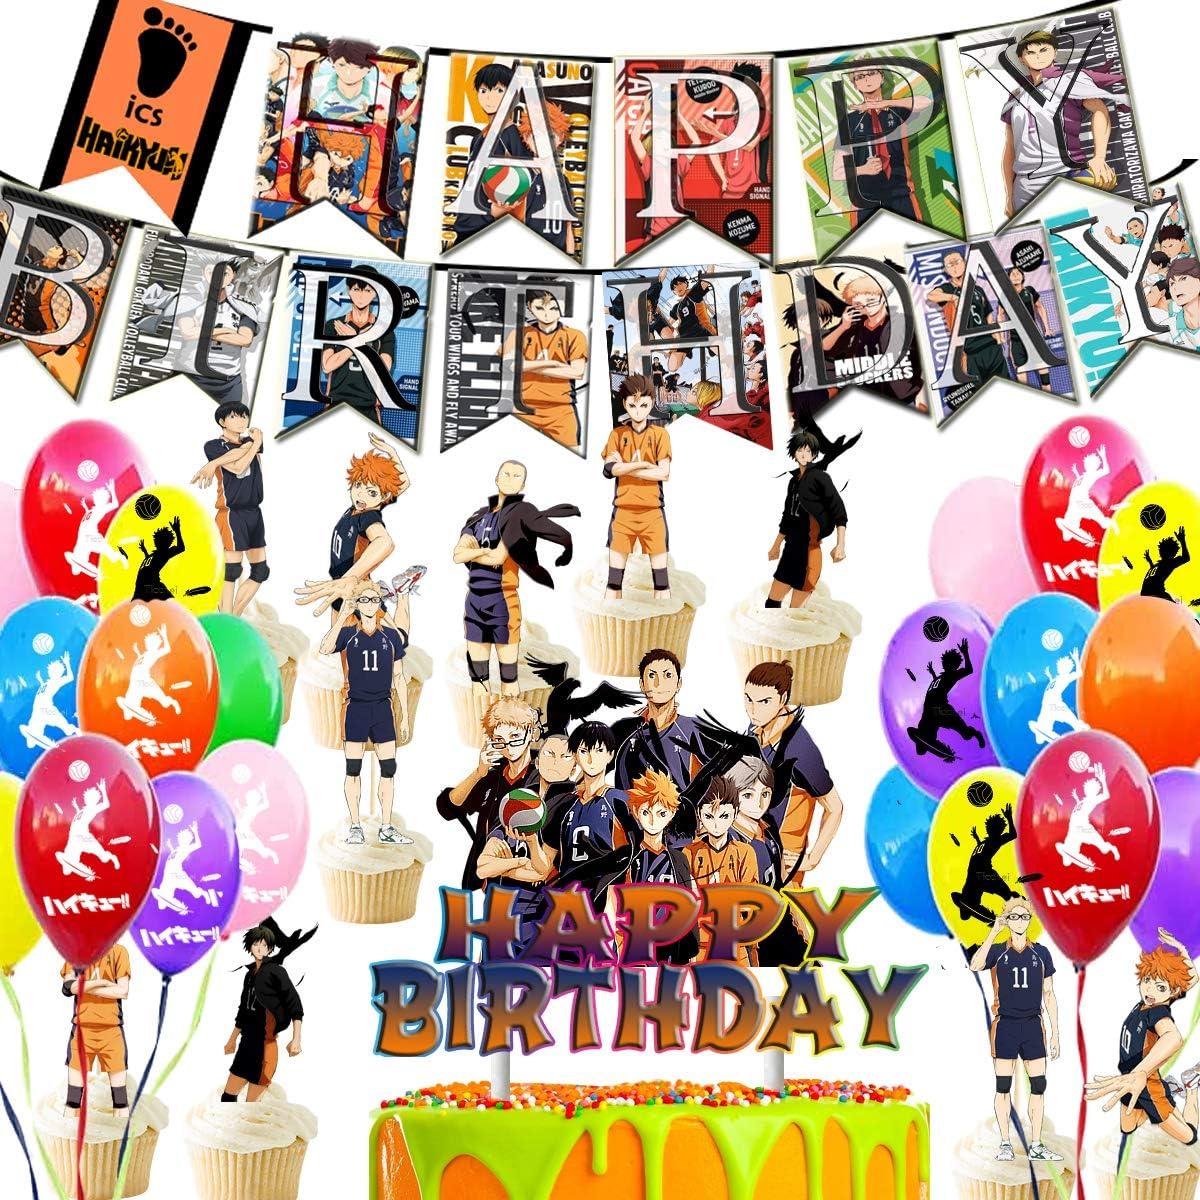 Haikyuu Haikyu Cake D\u00e9cor cake topper Haikyu Birthday Party Haikyu! Haikyu Inspired Custom Cake Topper Personalized Haikyu cake topper